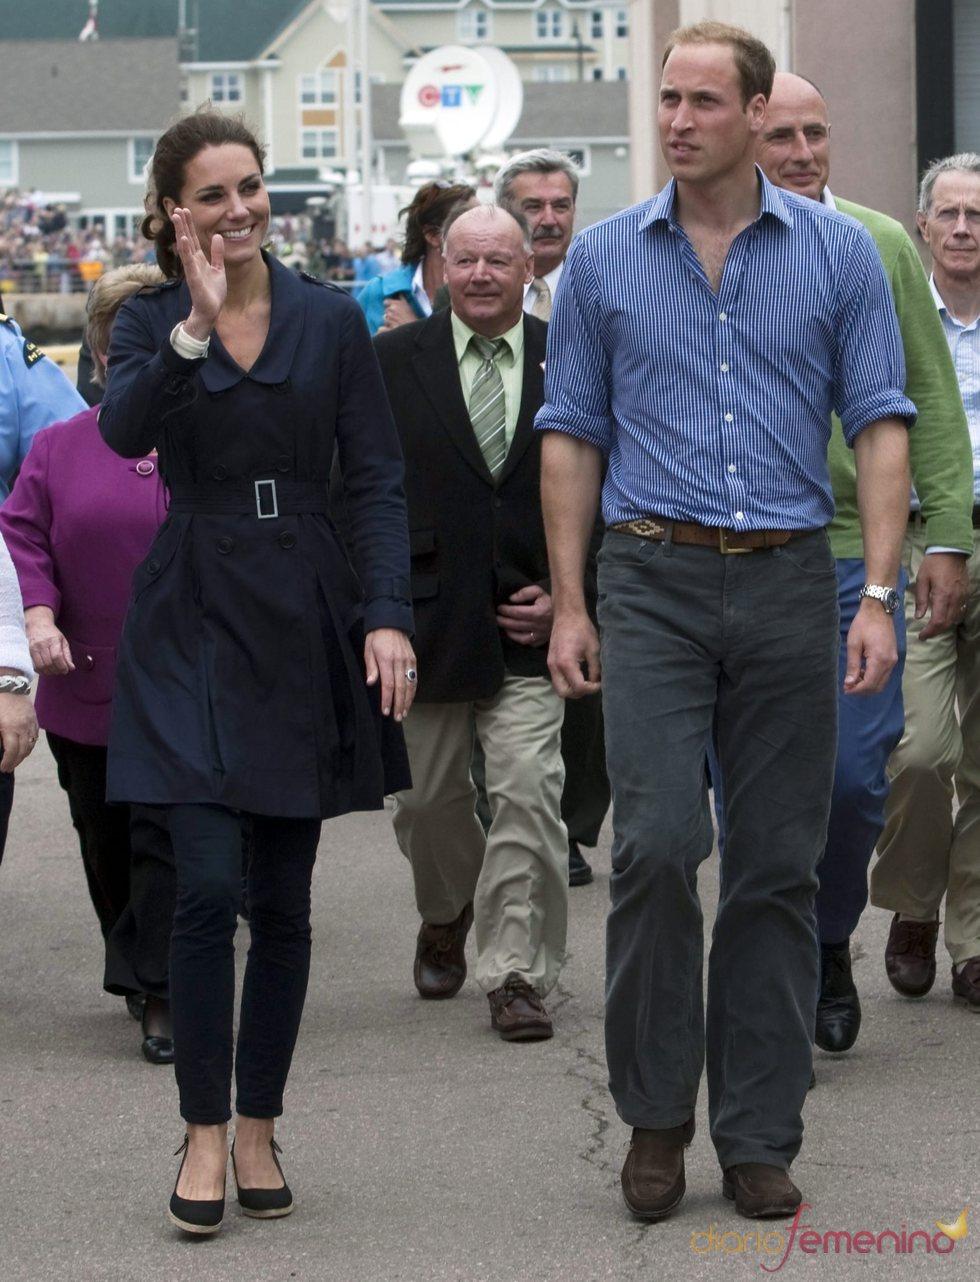 Guillermo de Inglaterra y Kate Middleton llegan a la Isla del Príncipe Eduardo en Canadá